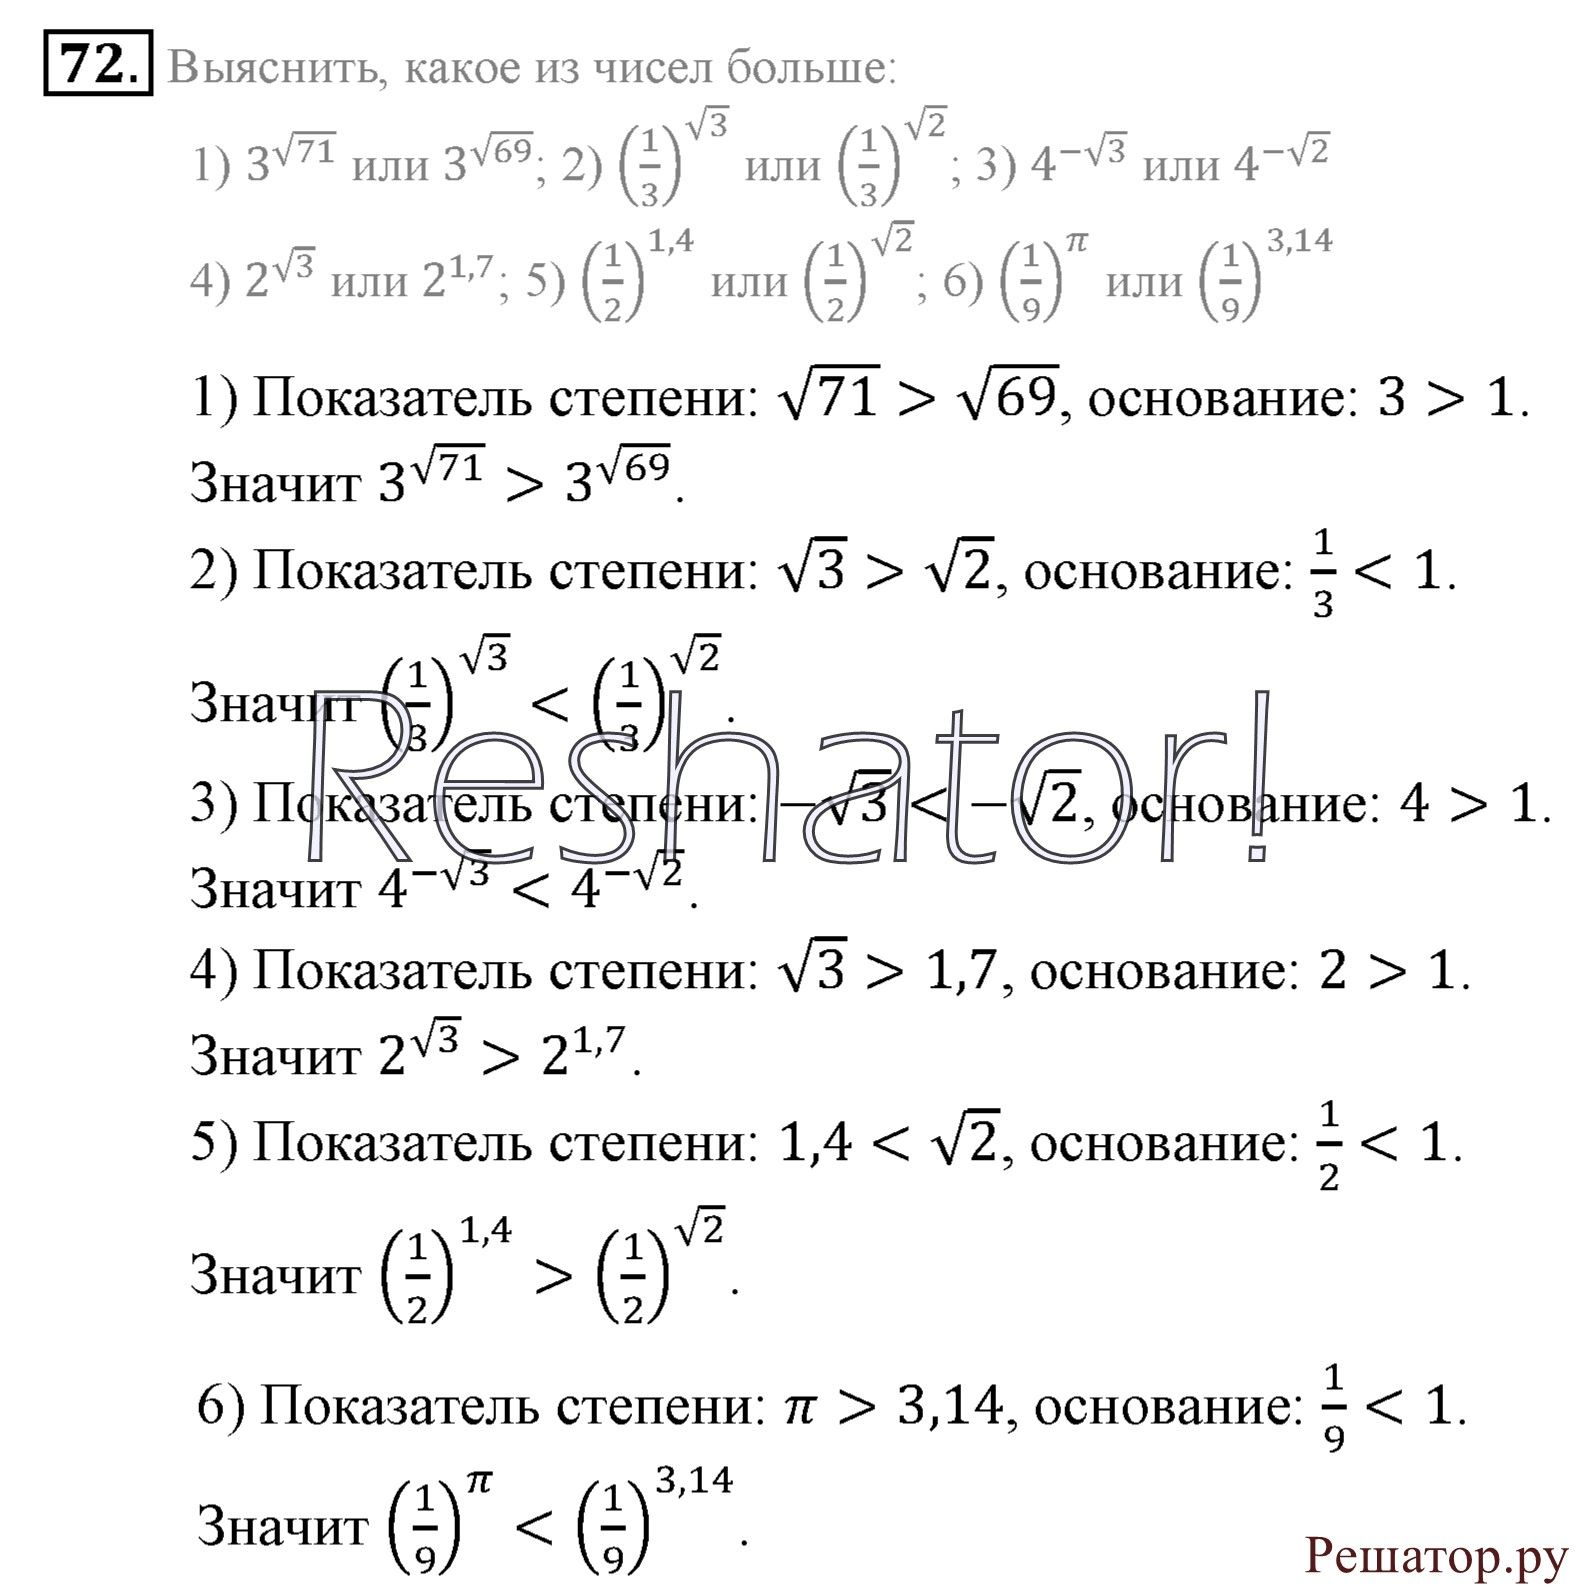 гдз алгебра 10 класс жижченко онлайн